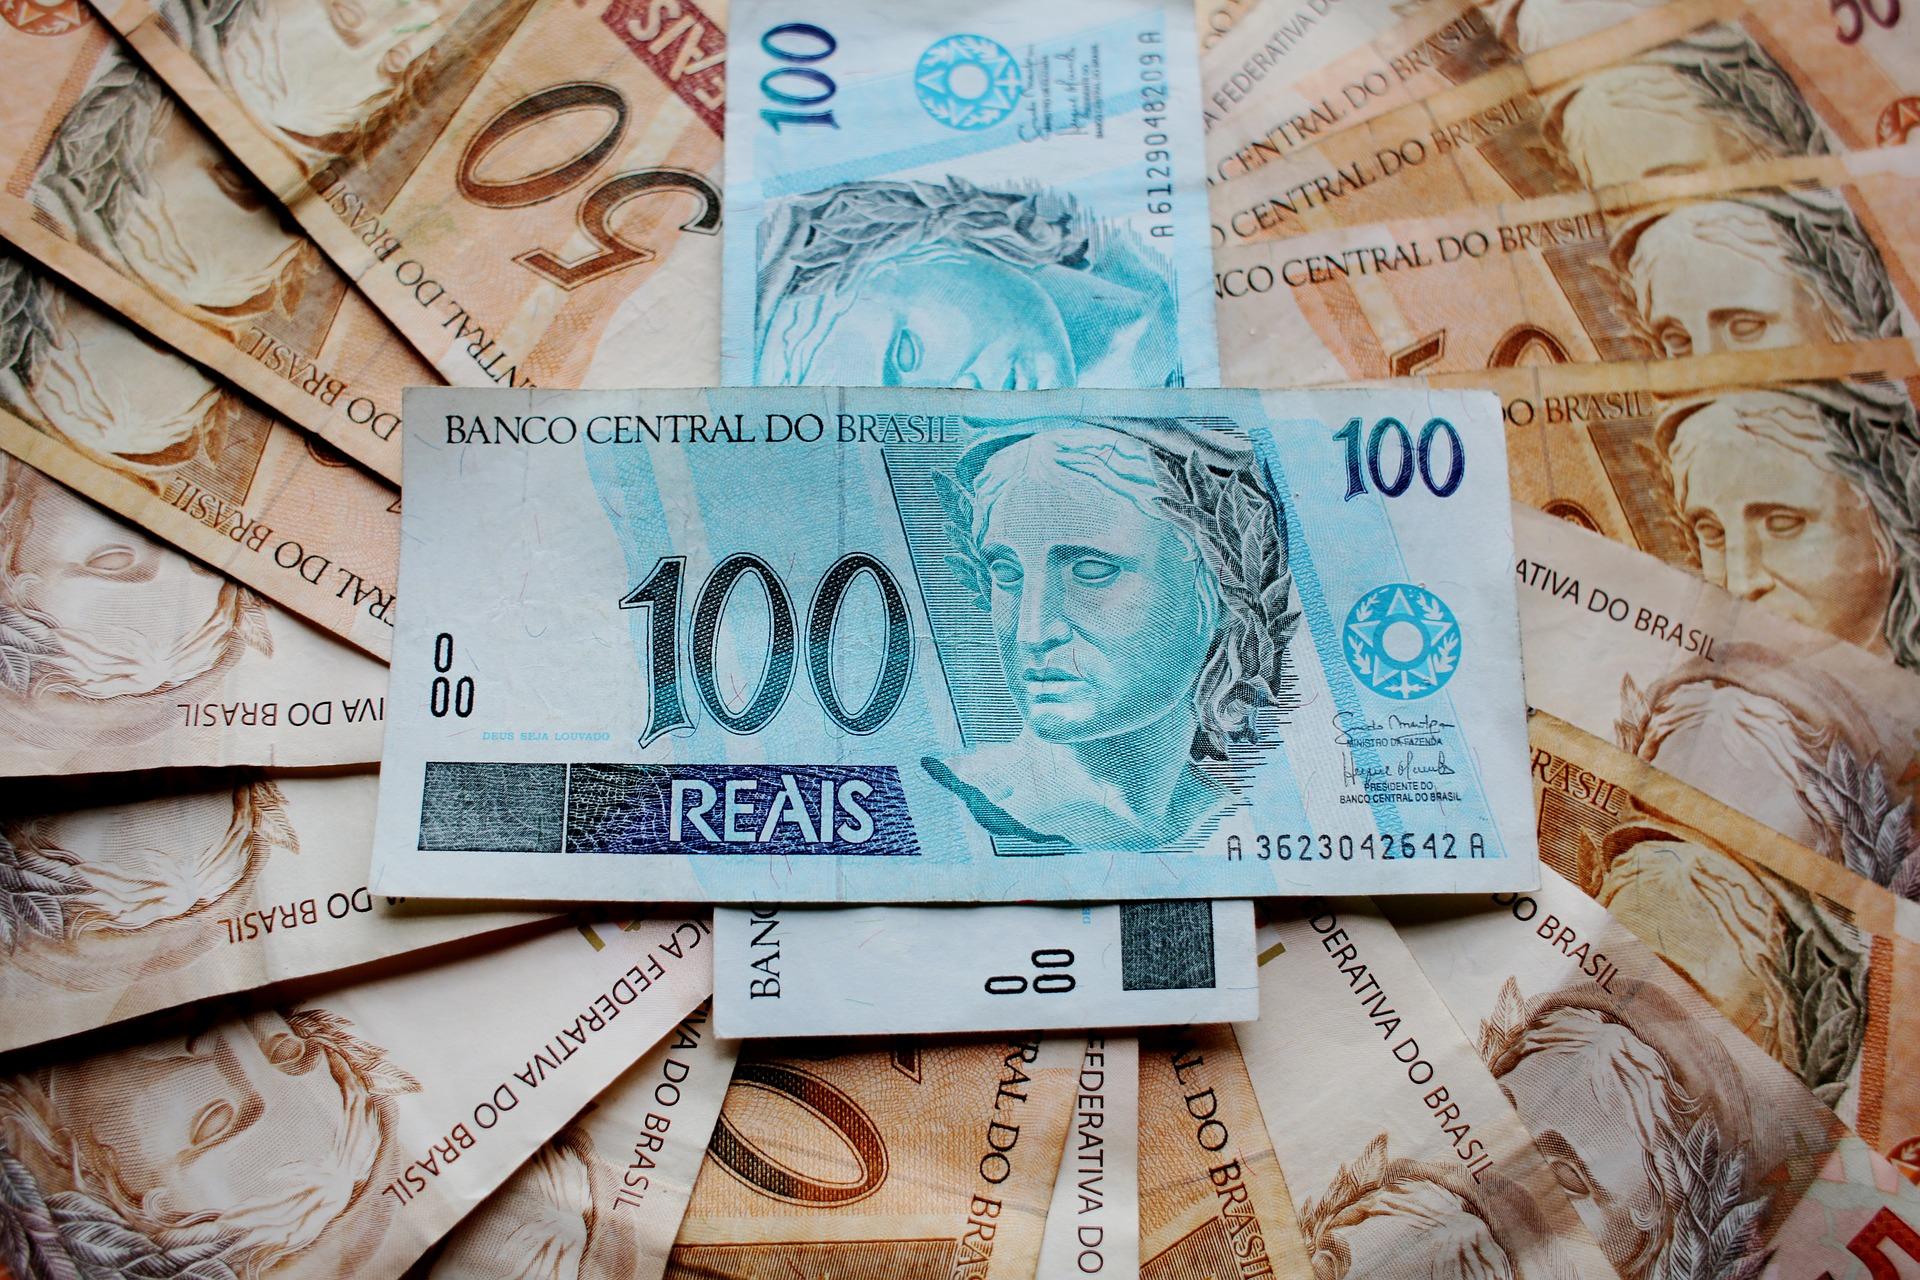 Cédulas de 50 e 100 reais organizadas em espiral